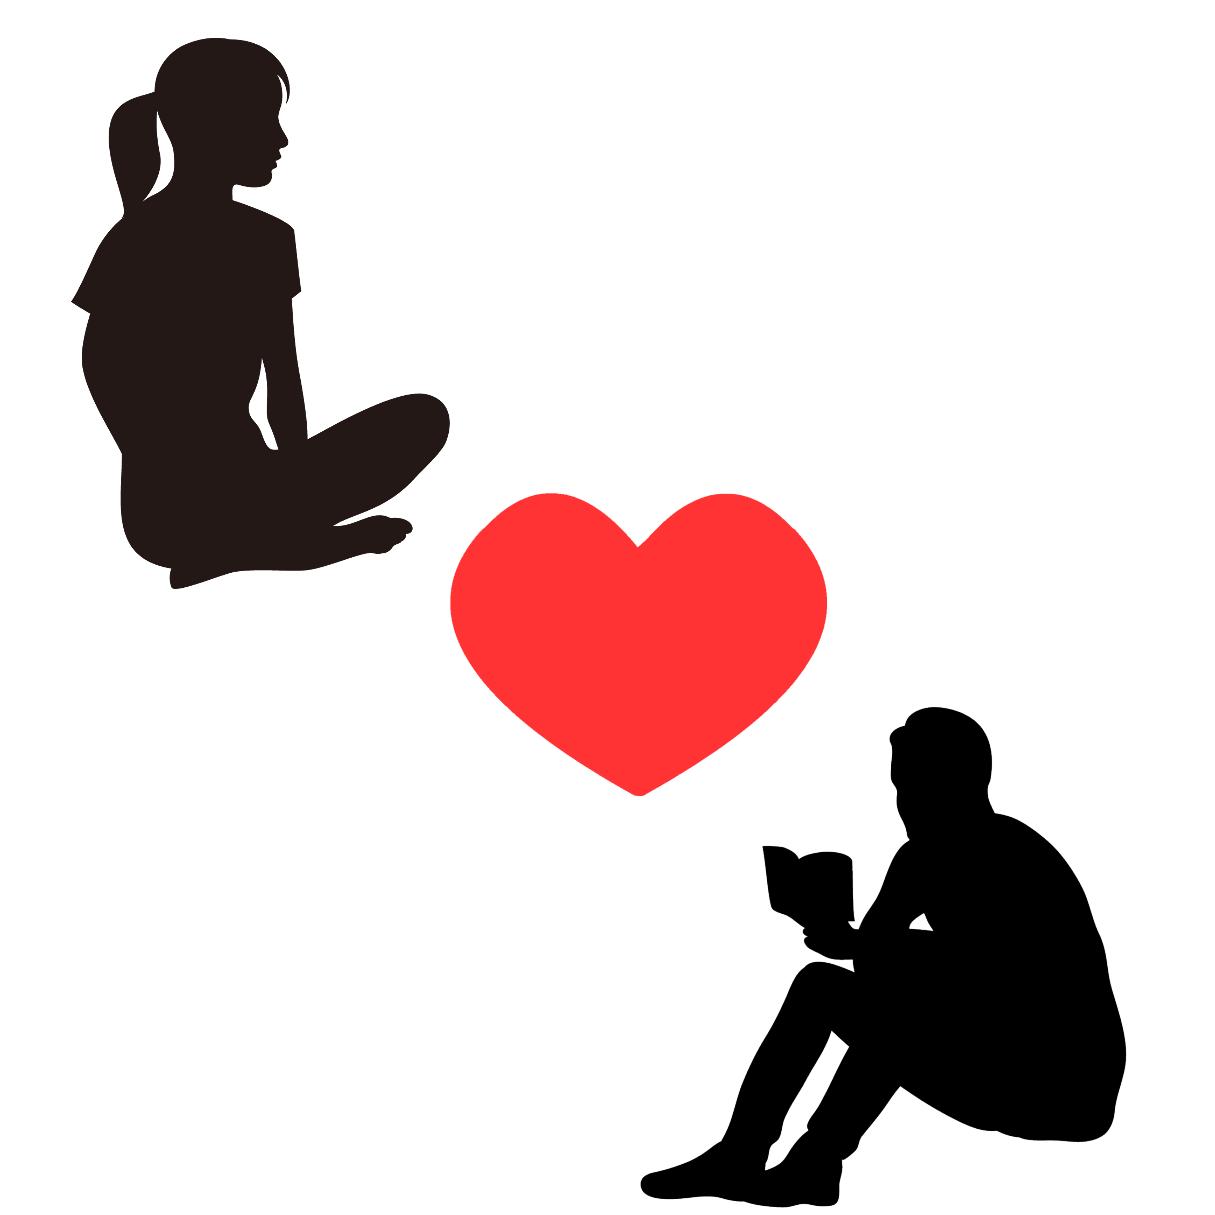 アダルトチルドレン_ロストワンタイプの恋愛傾向を表すイラスト